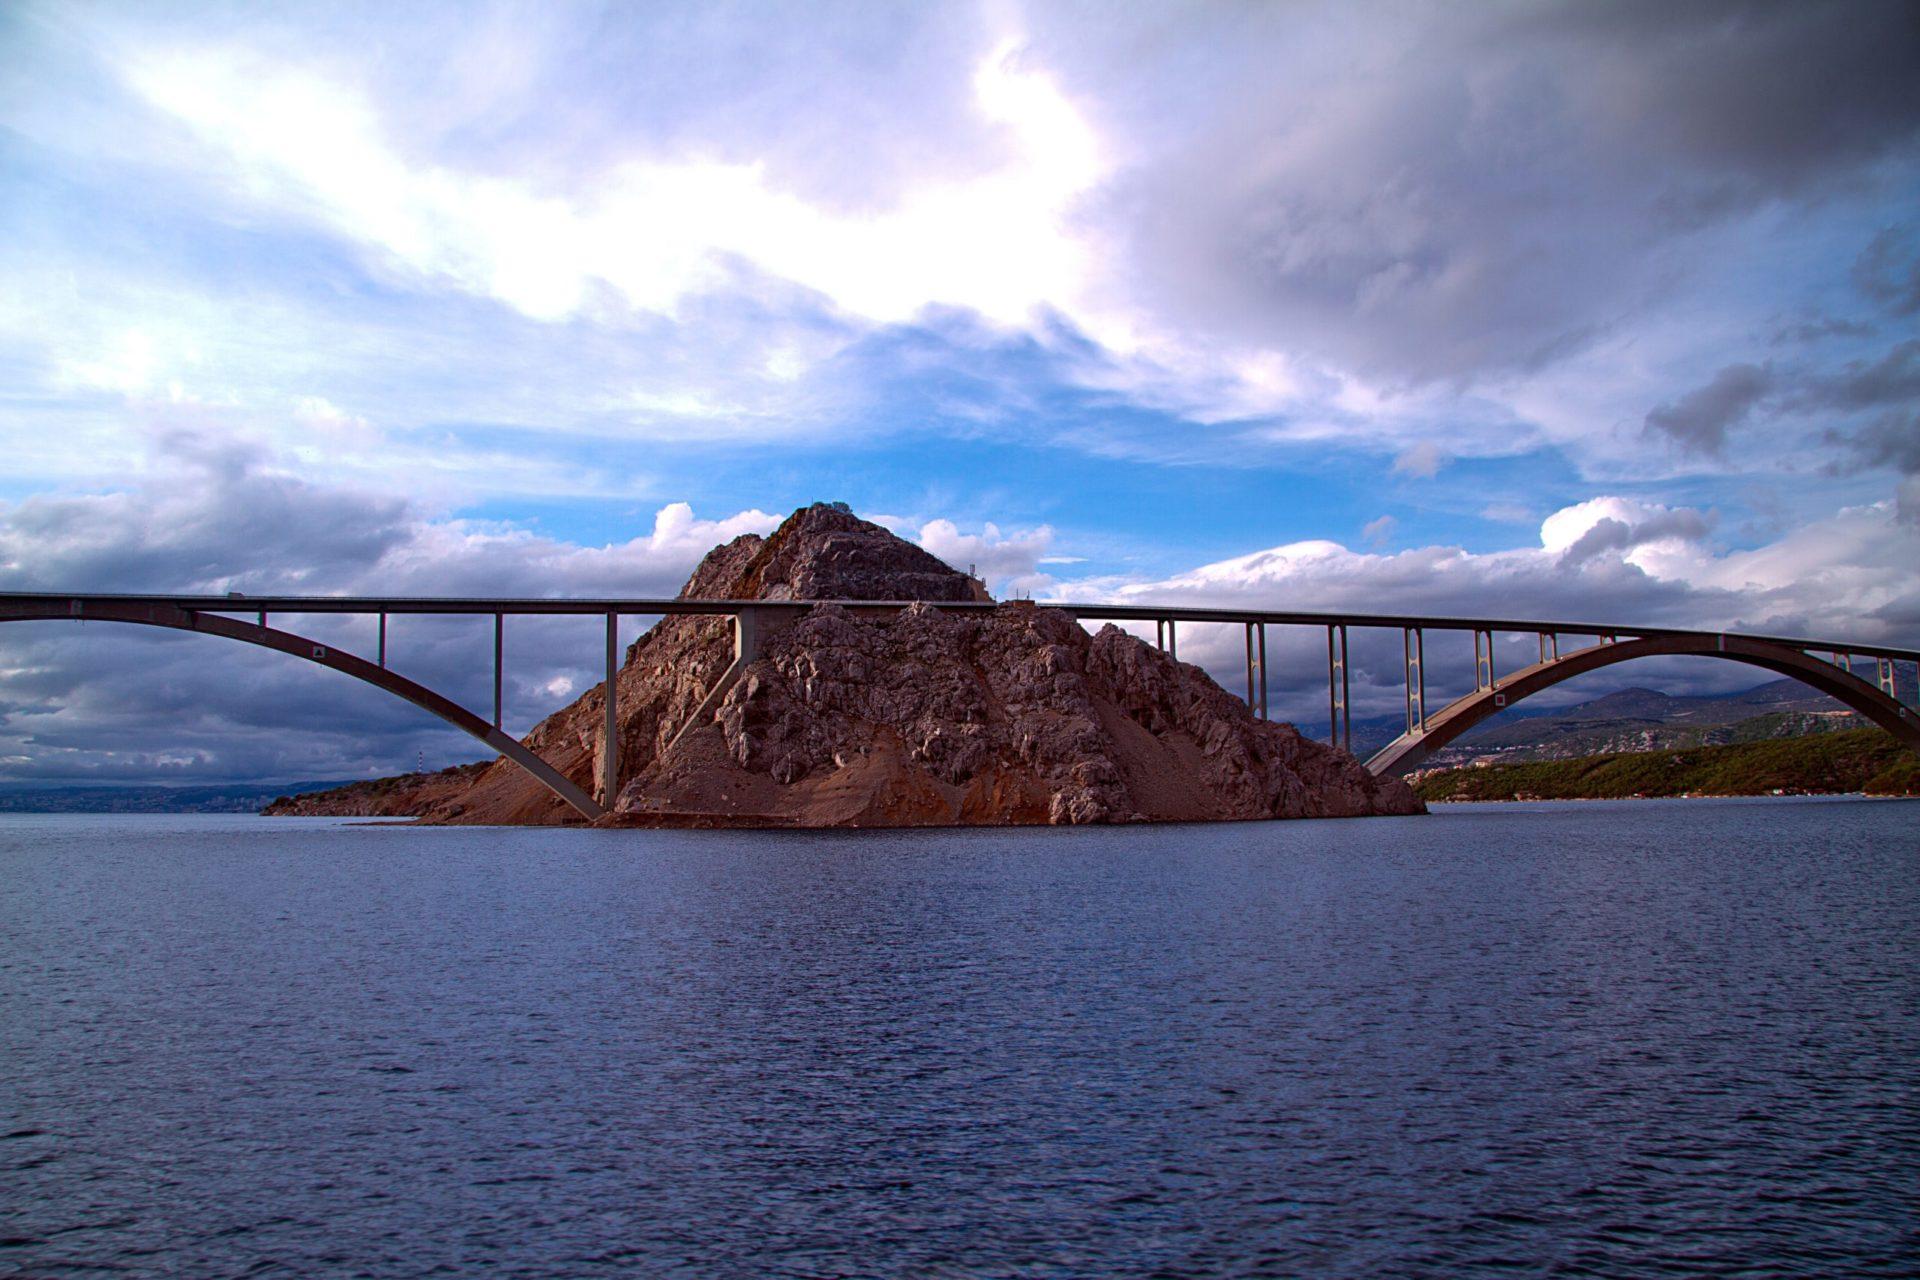 Wassertemperatur Krk: Krk-Brücke überwindet die Adria zwischen kroatischem Festland, Sveti Marko und Krk